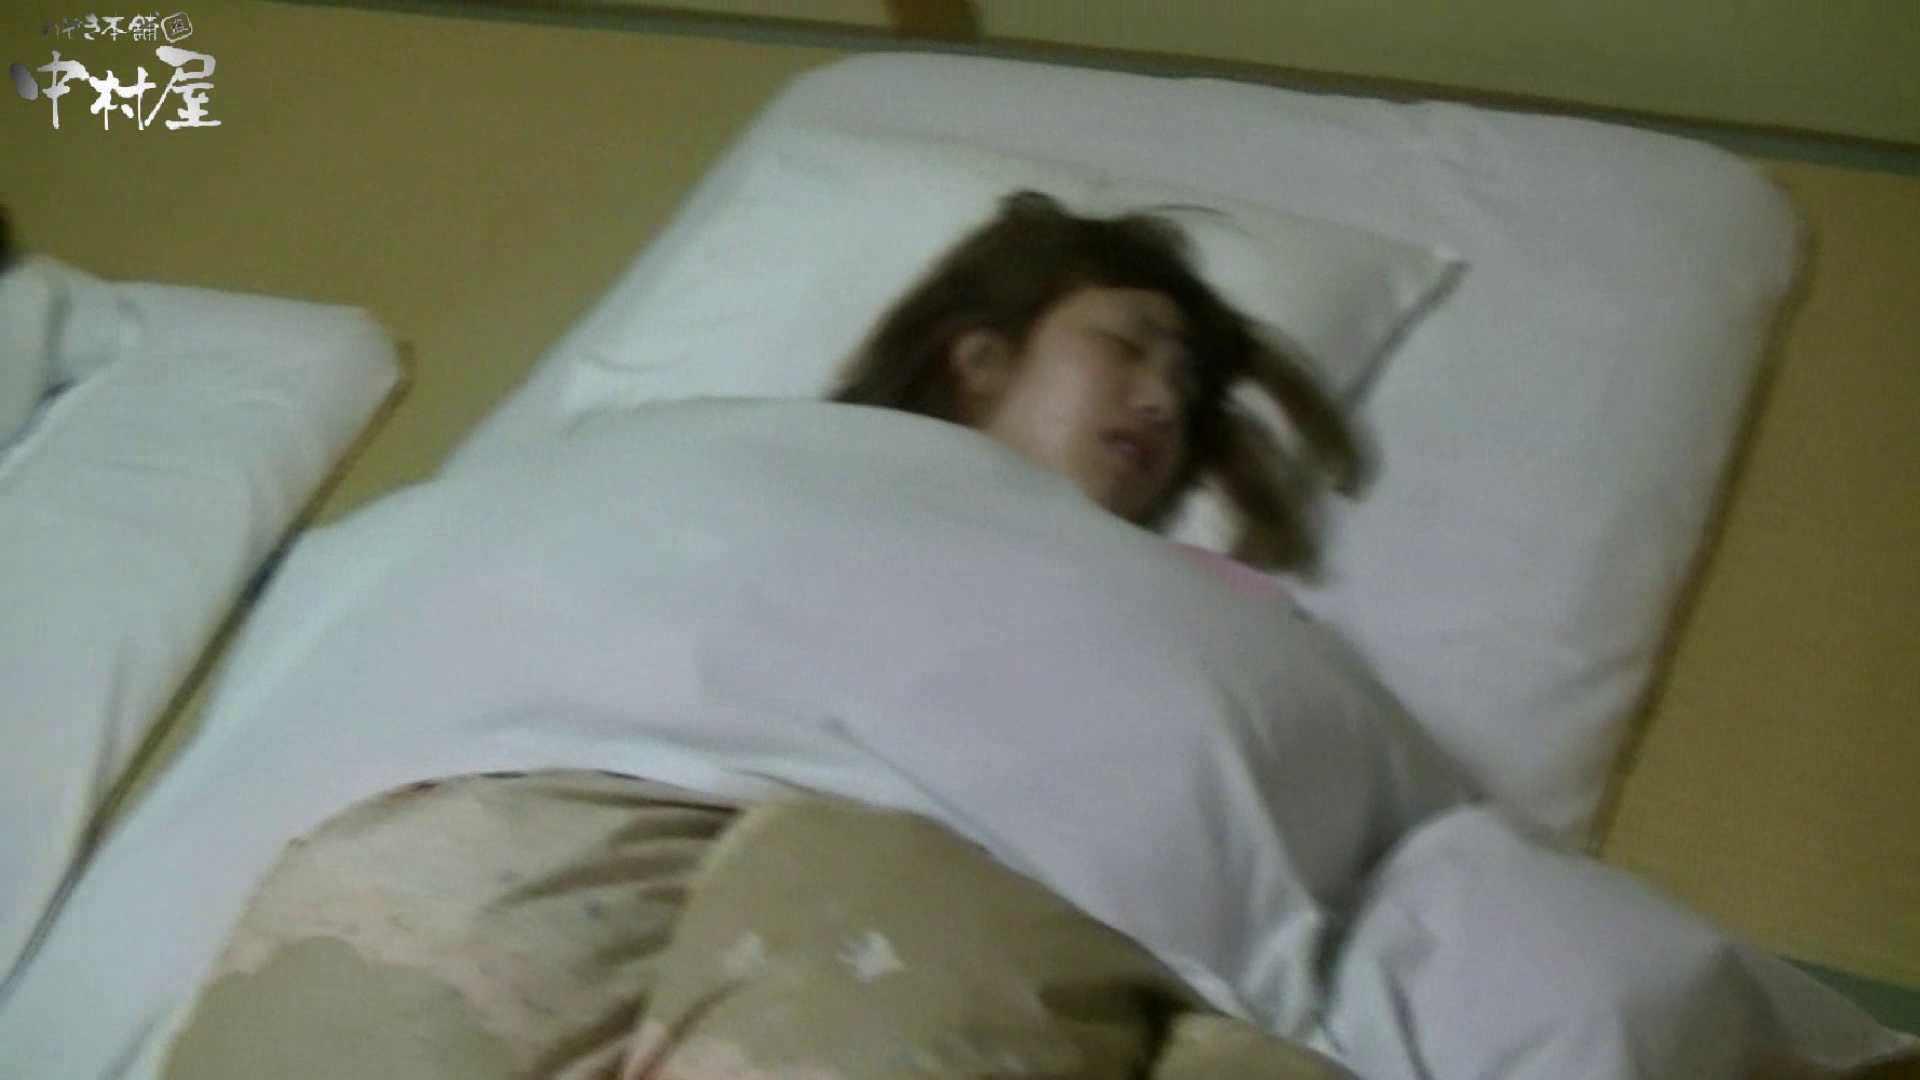 ネムリ姫 vol.16 女性トイレ オマンコ無修正動画無料 99pic 3